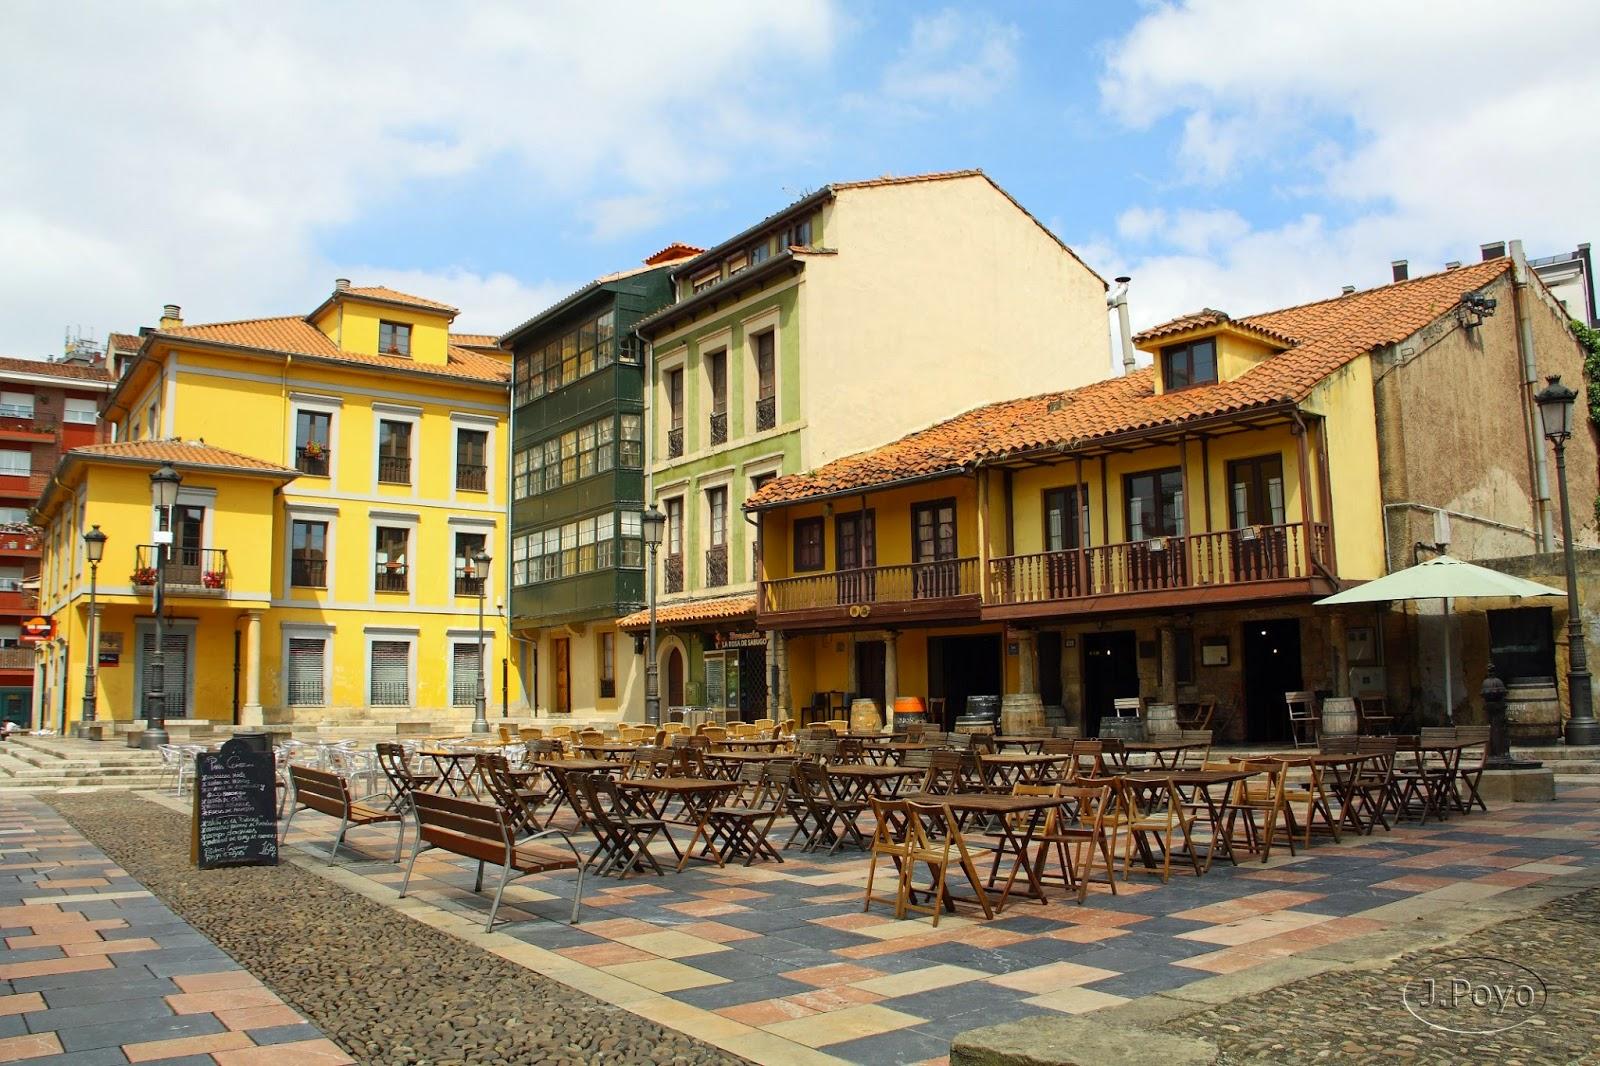 Plaza del Carbayo de Avilés